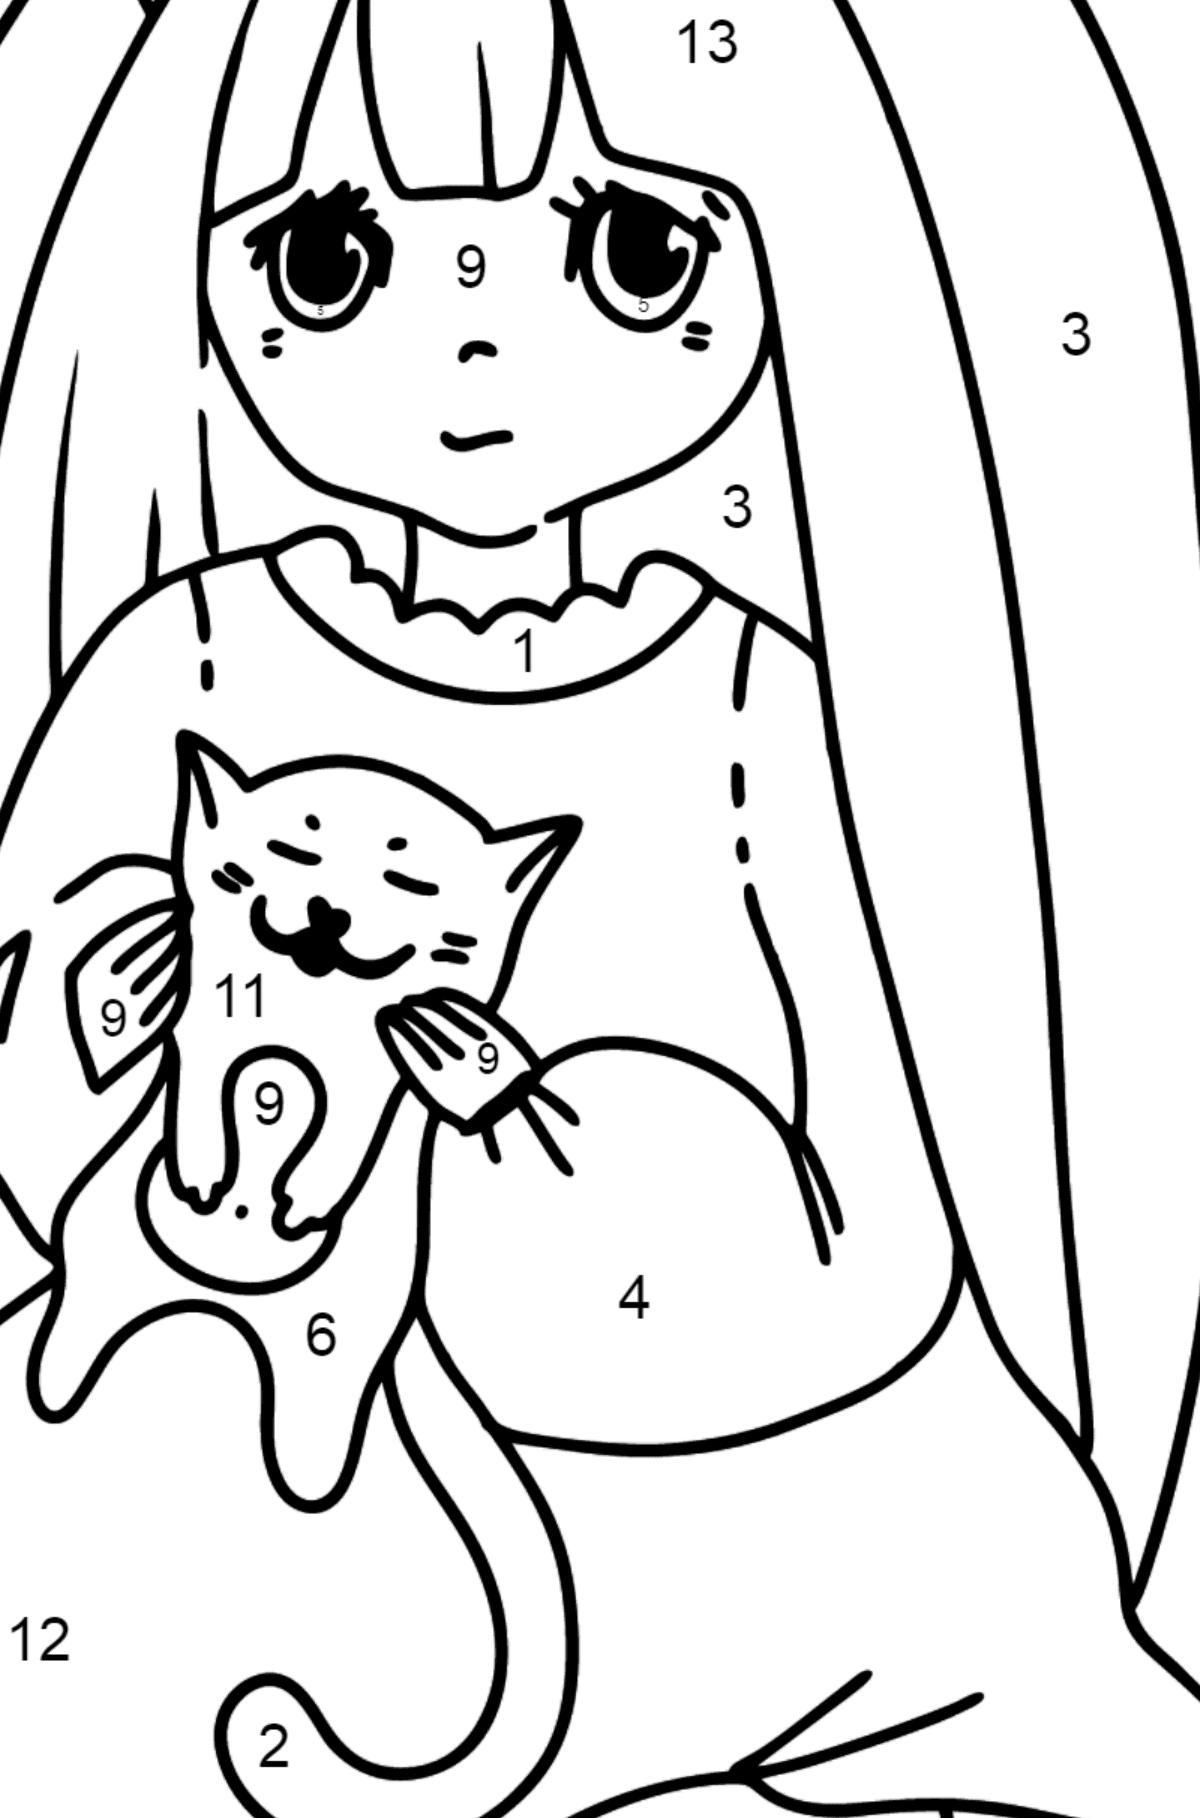 Dibujo de Chica Anime Jugando con Gatito para colorear - Colorear por Números para Niños